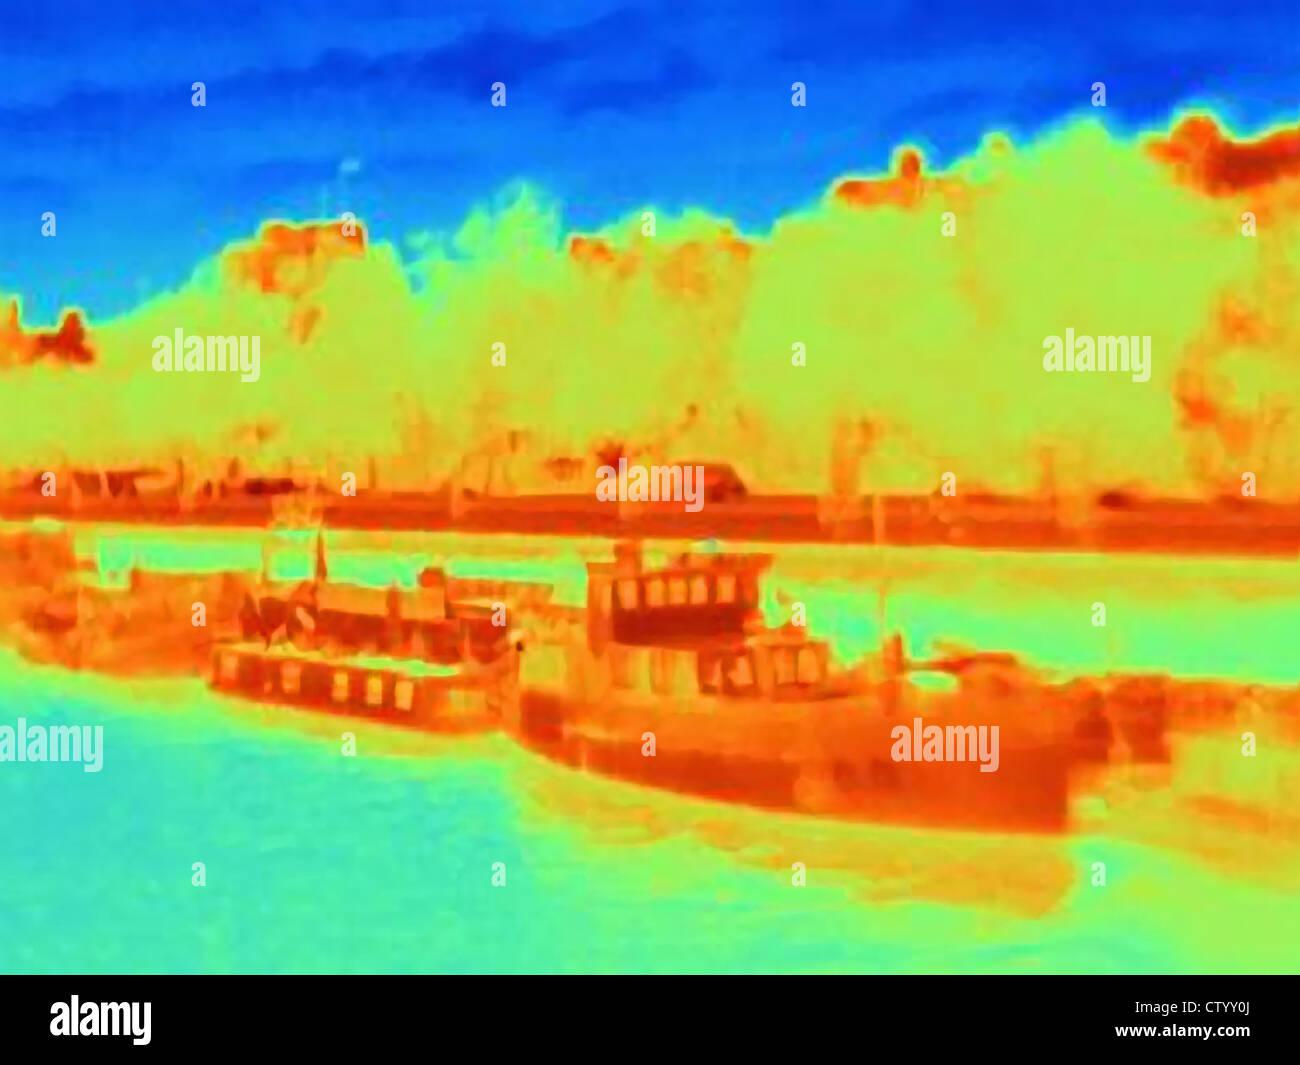 Image thermique d'embarcations sur la rivière urbaine Photo Stock